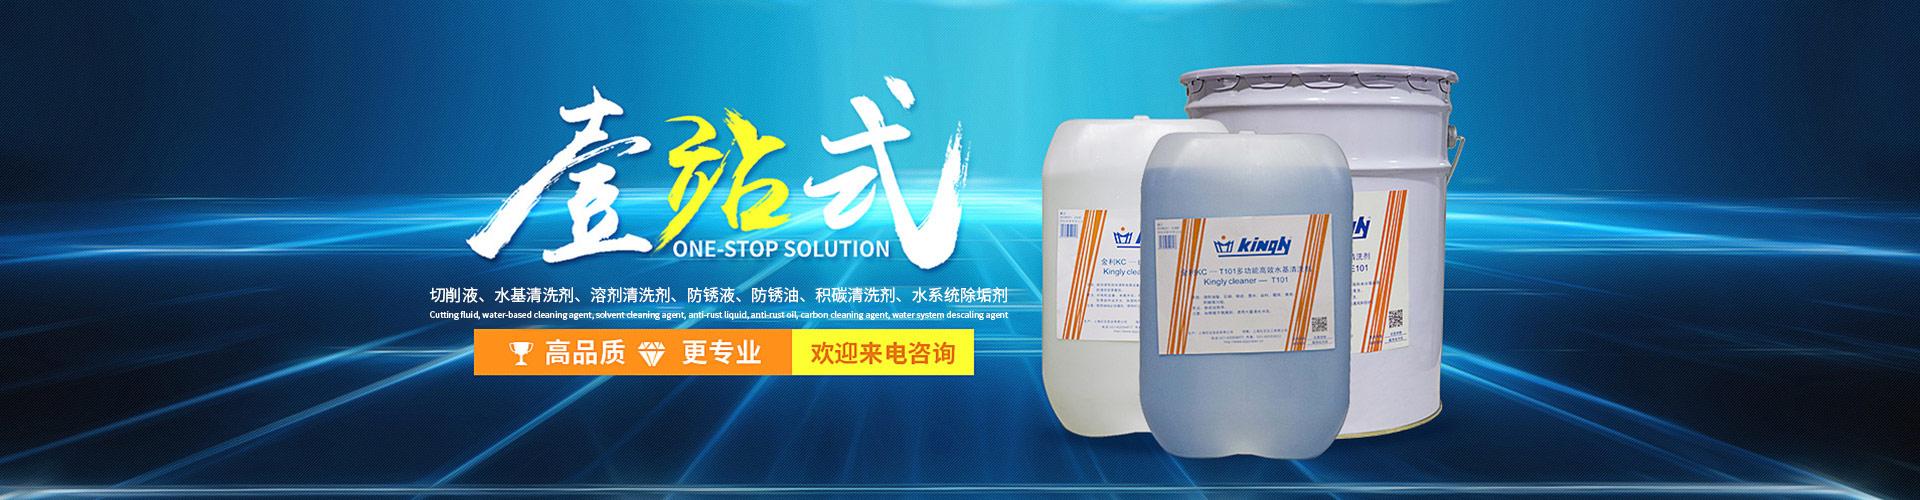 上海欧美另类图区清纯亚洲实业有限公司